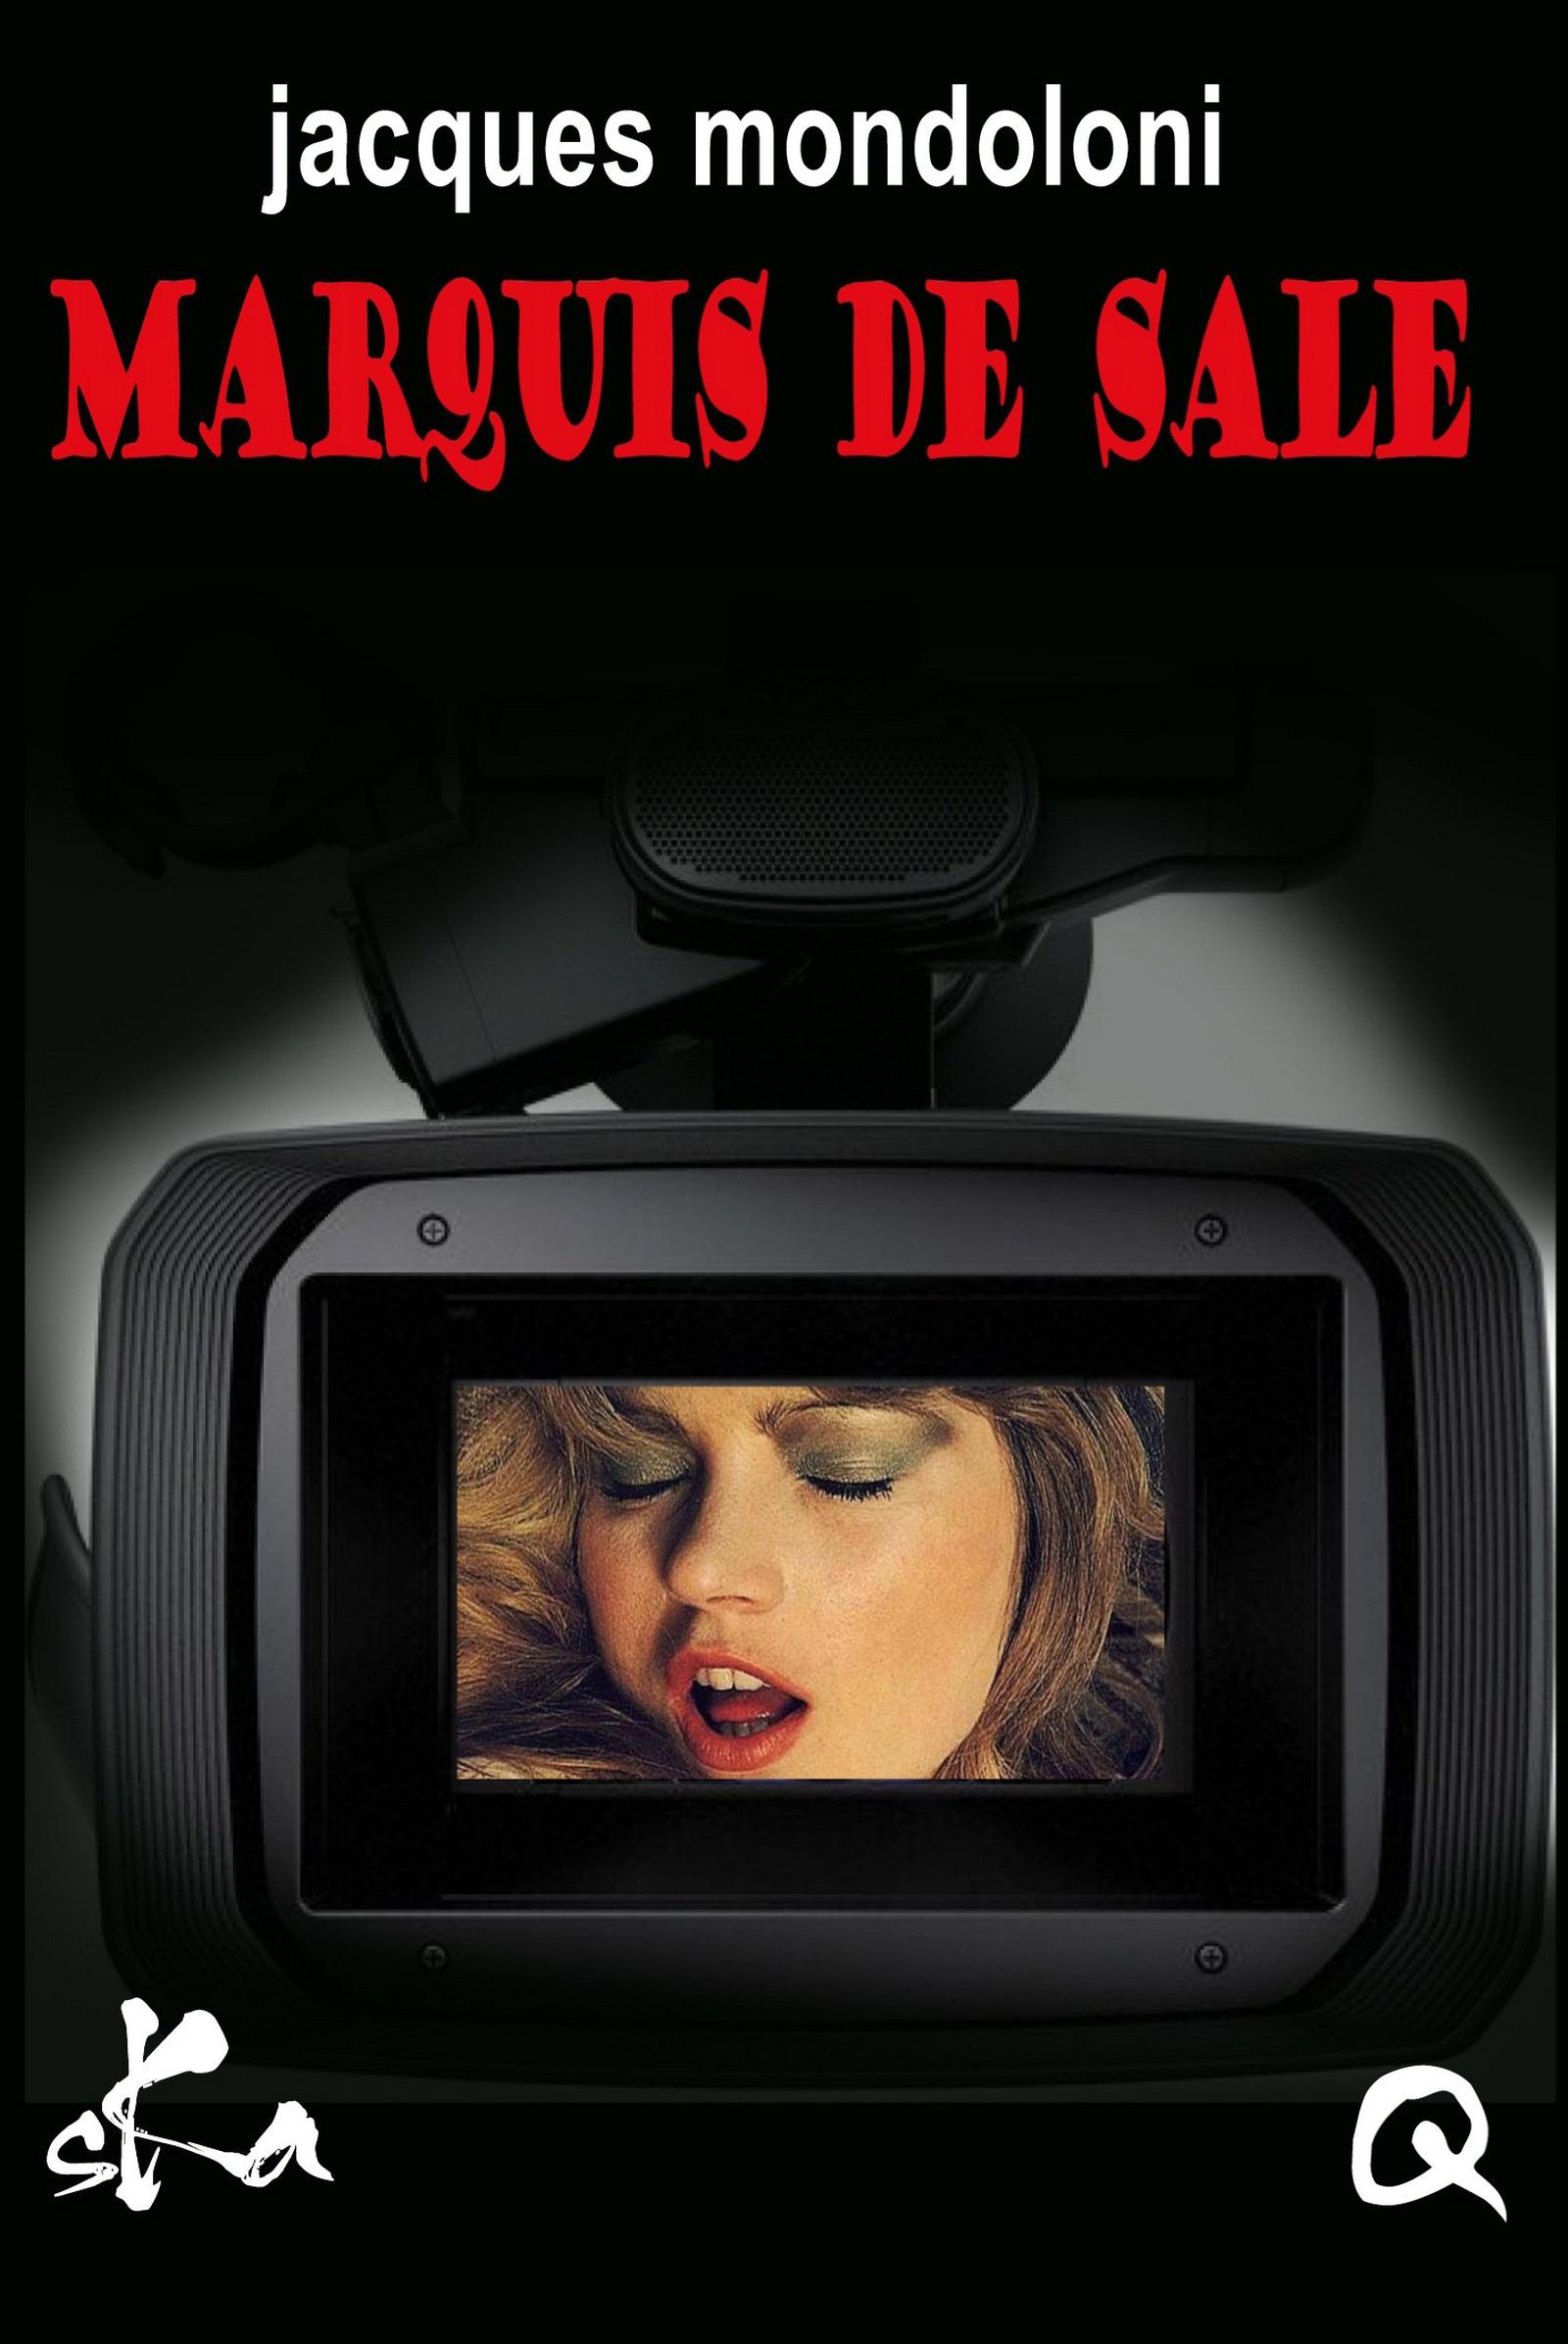 Marquis de Sale